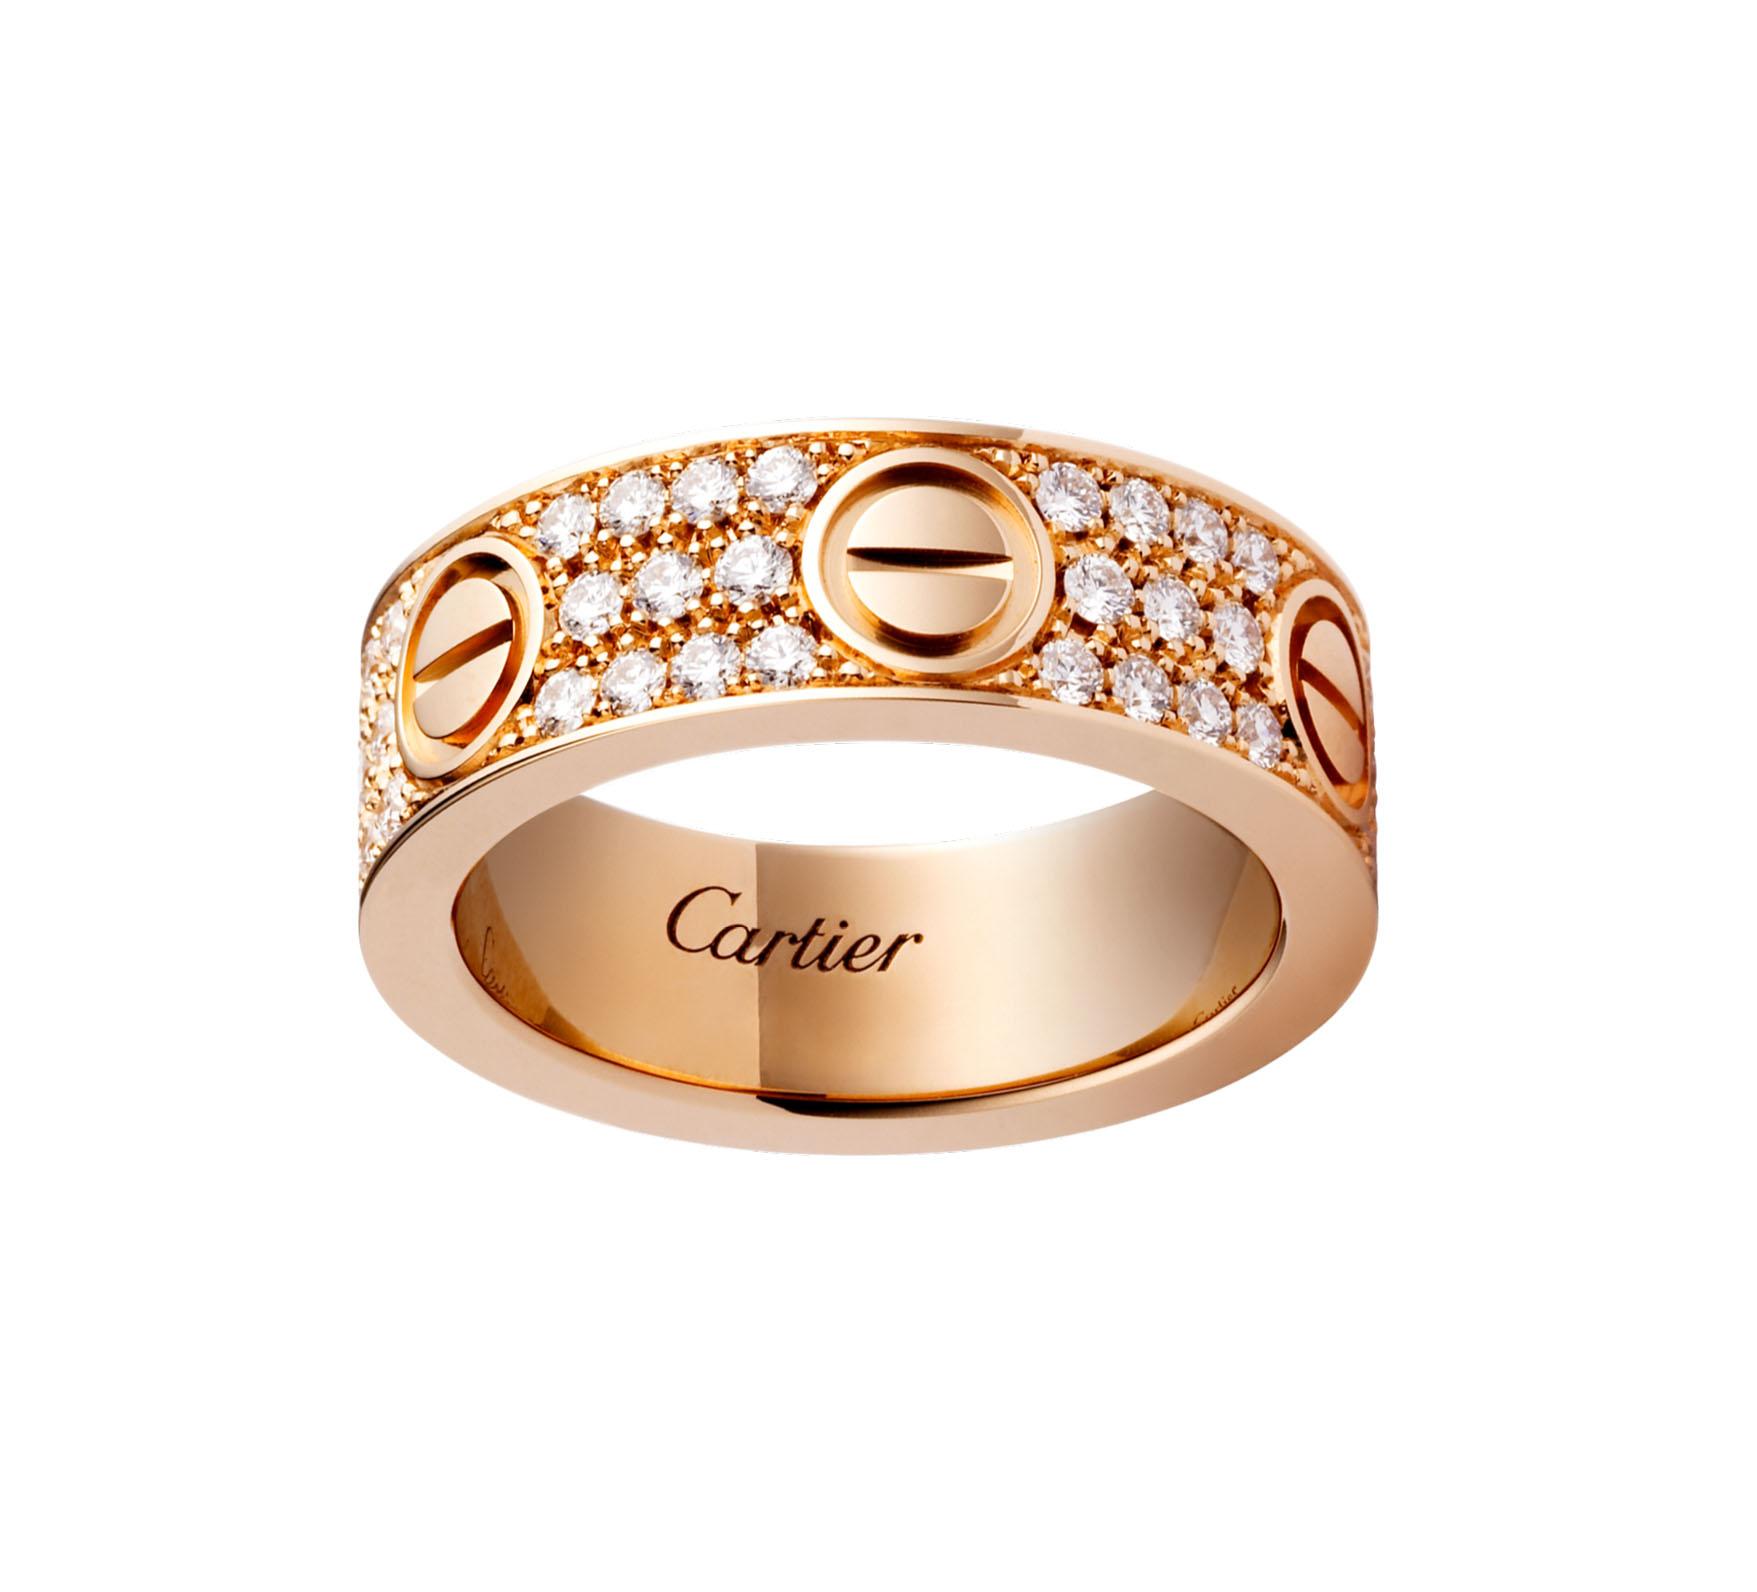 Nhẫn cartier love chính hãng – đặc điểm và ý nghĩa trong tình yêu